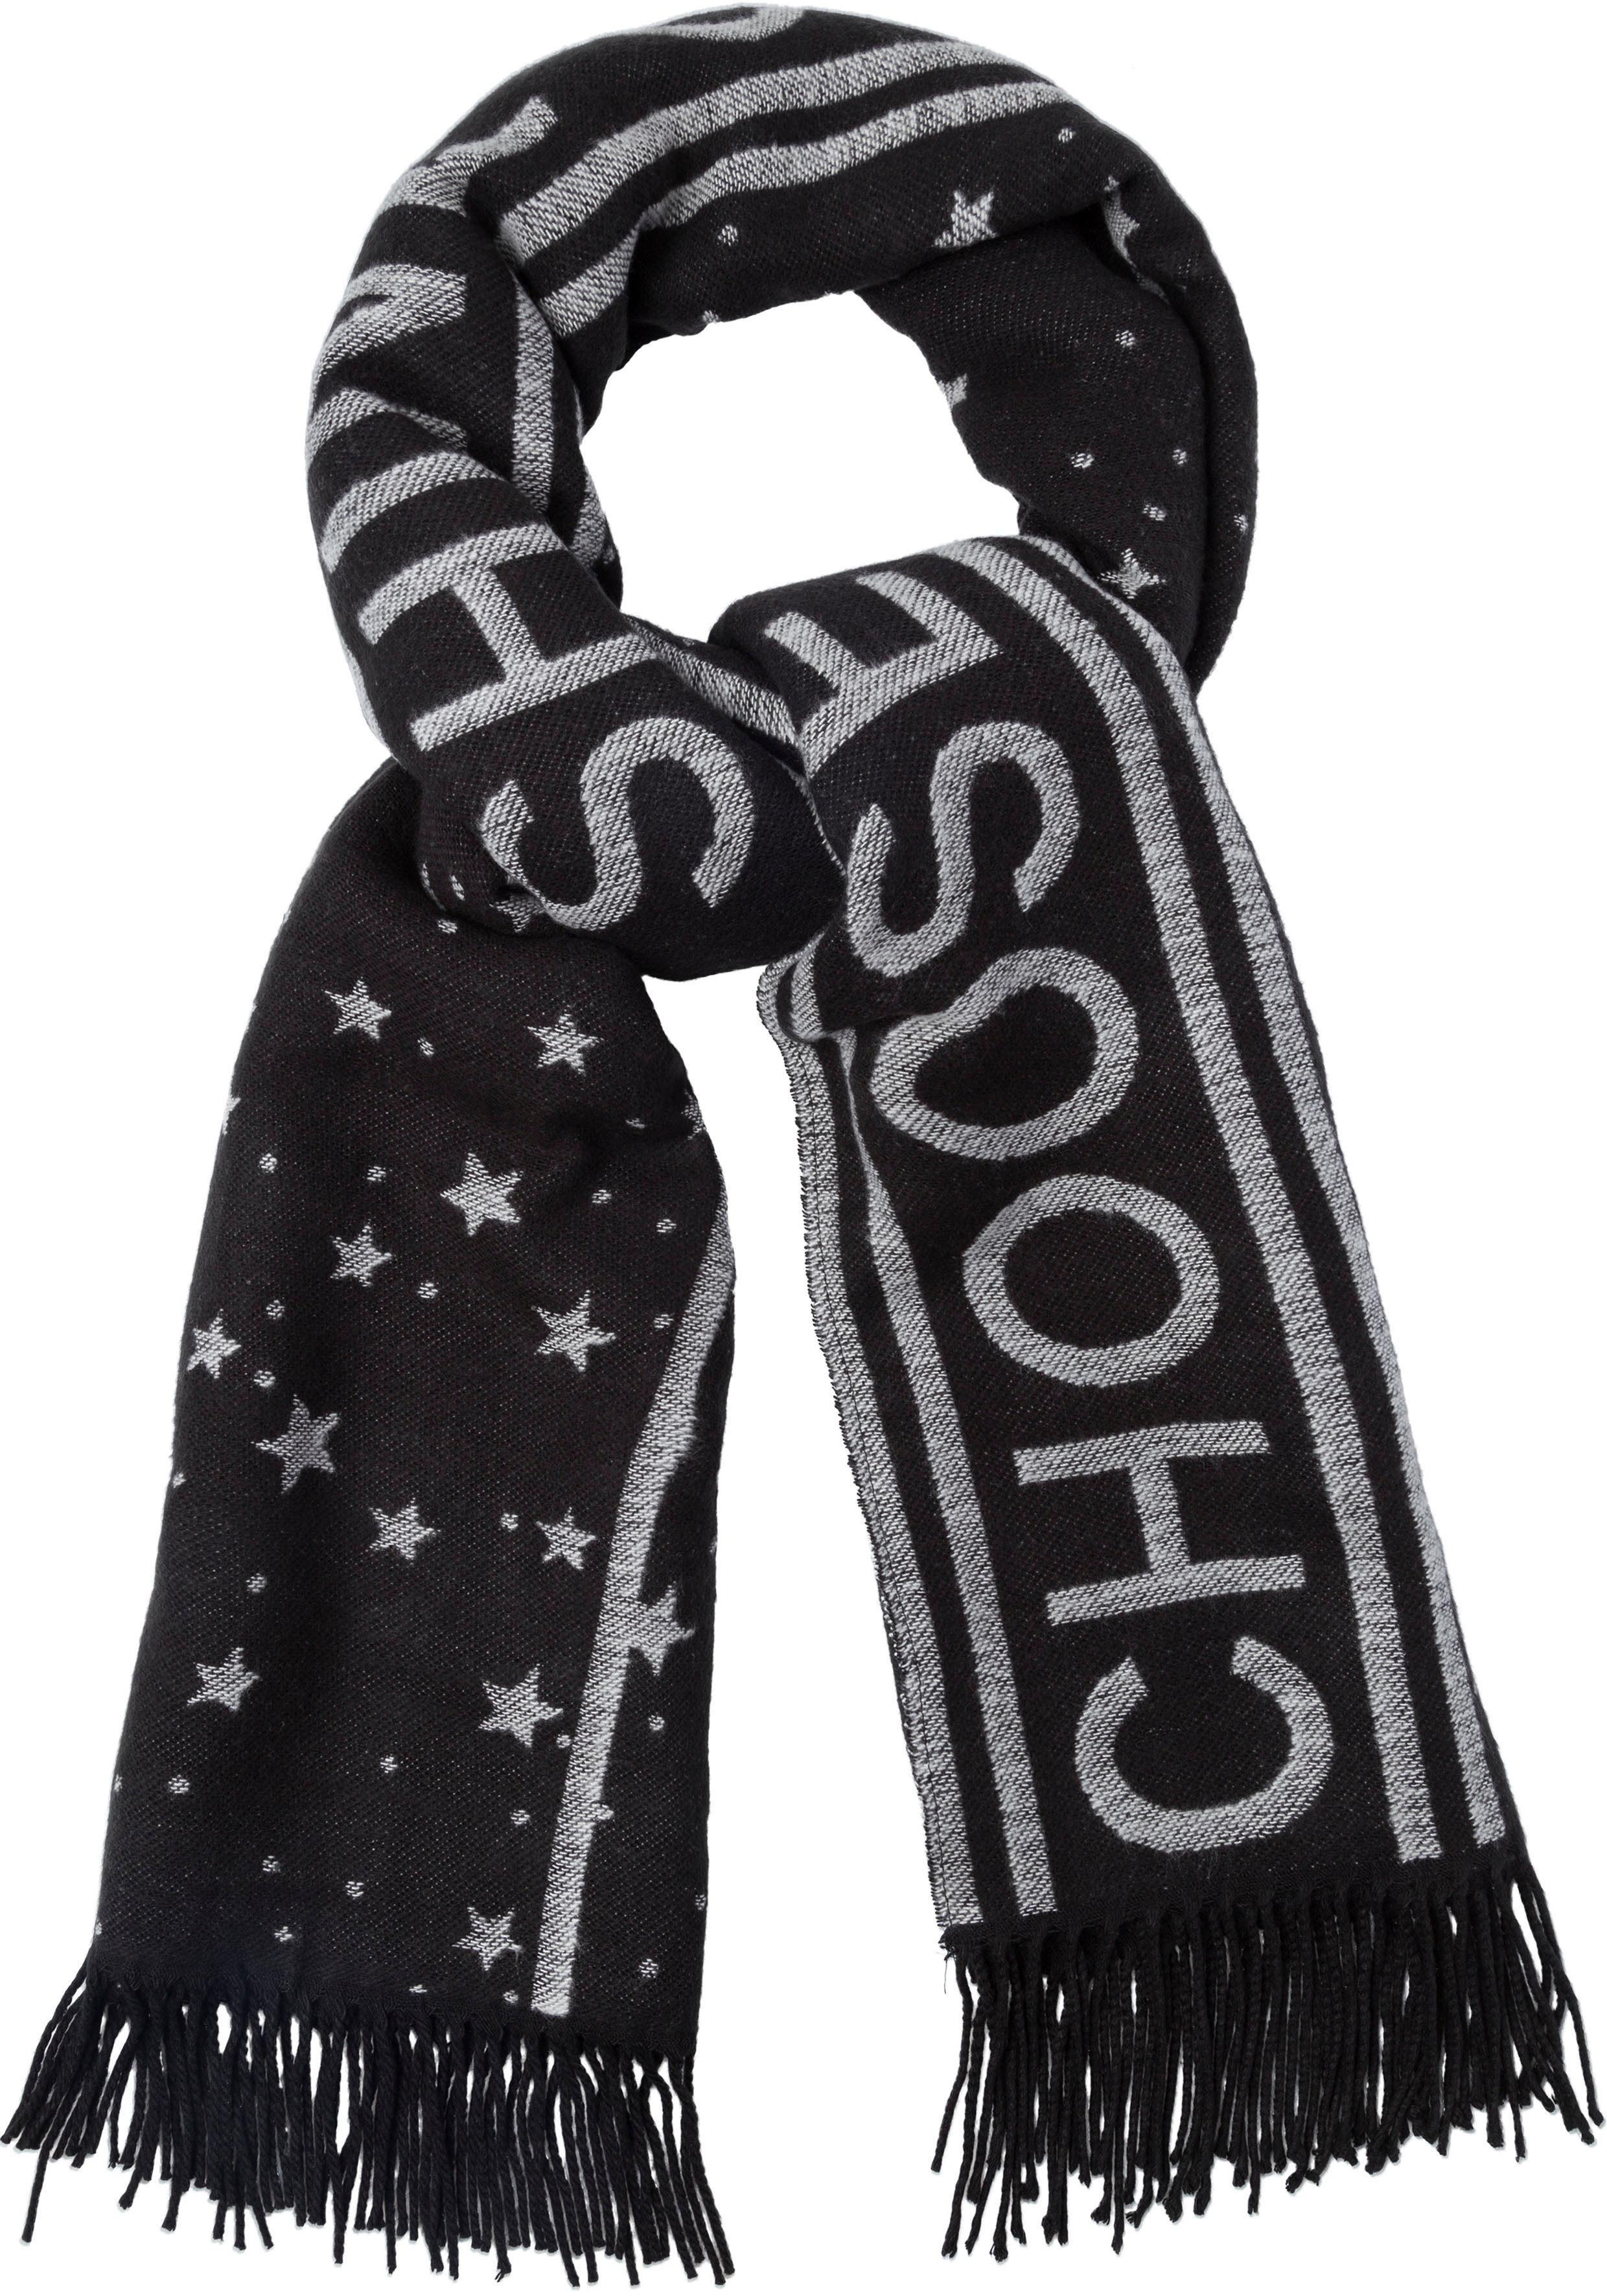 Esprit Modeschal mit Sternemuster und Fransen